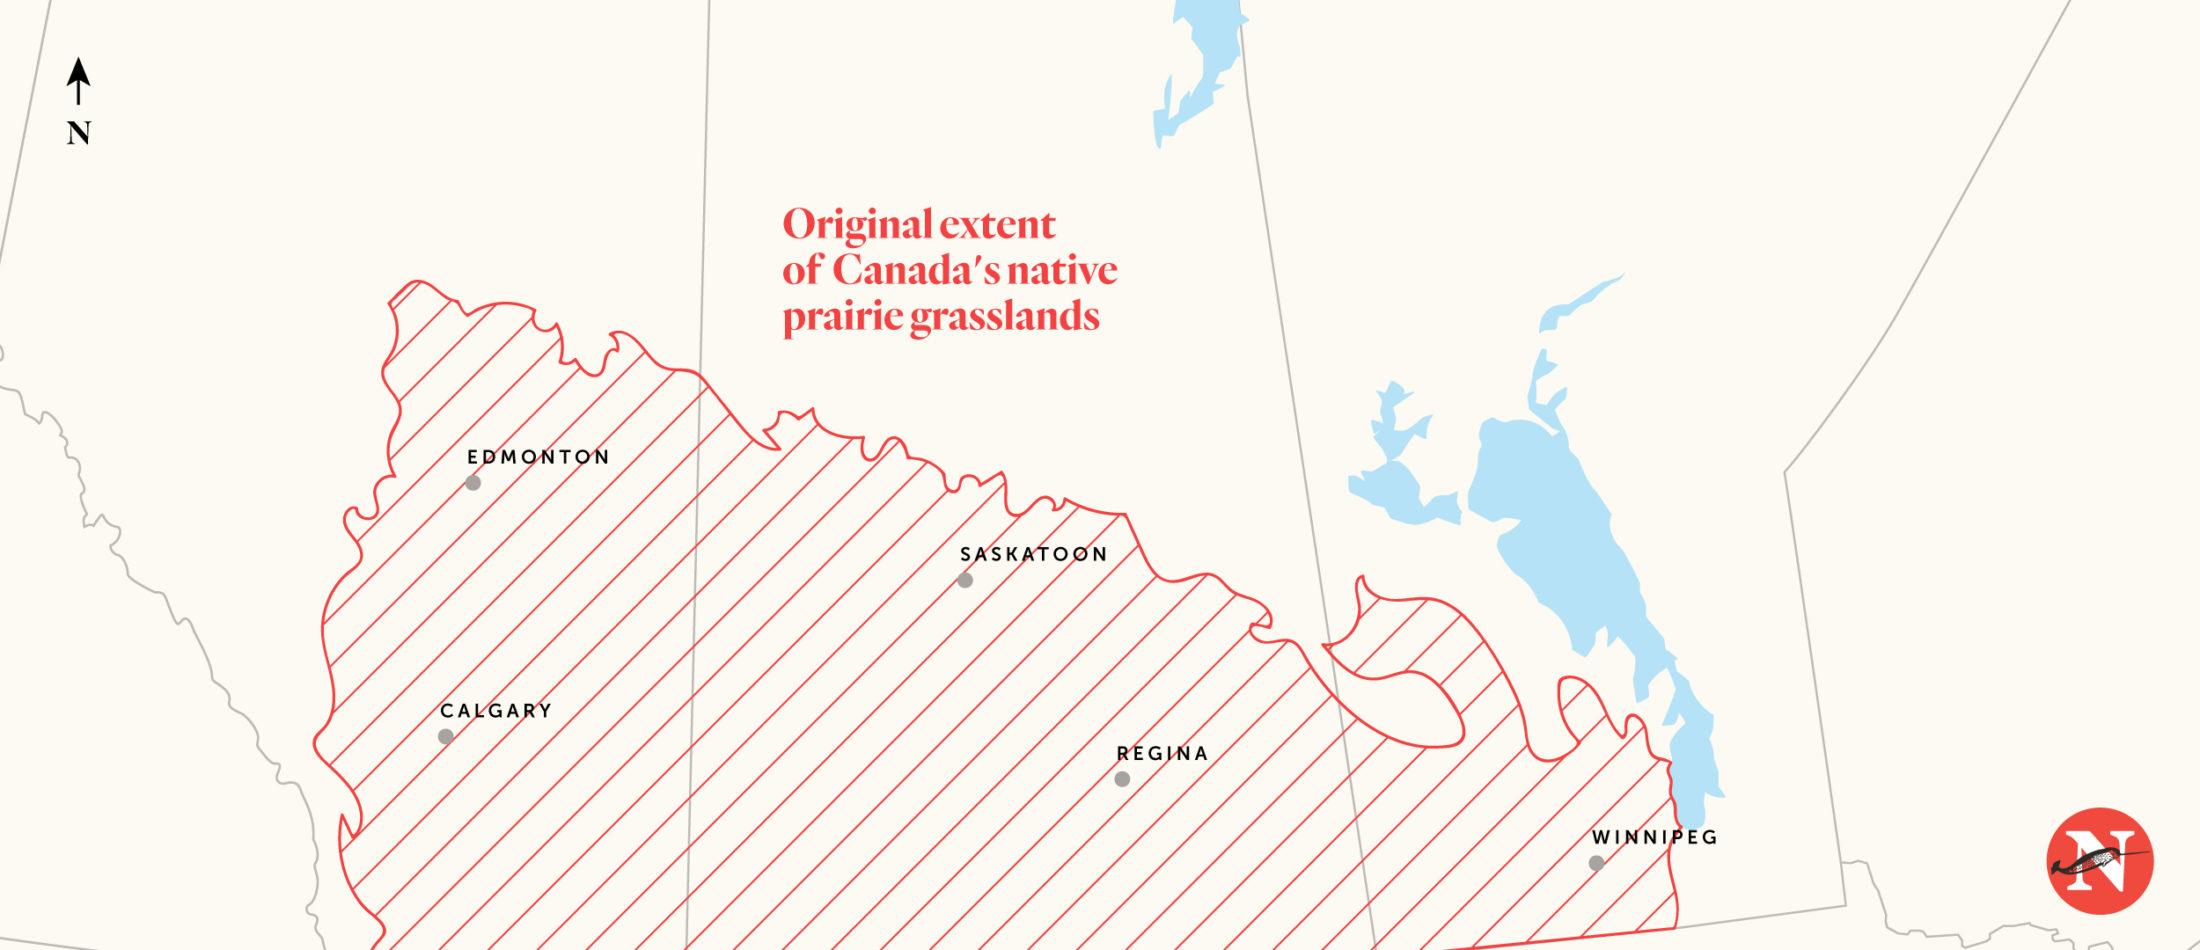 Mapa de pastizales de pradera nativa de Canadá